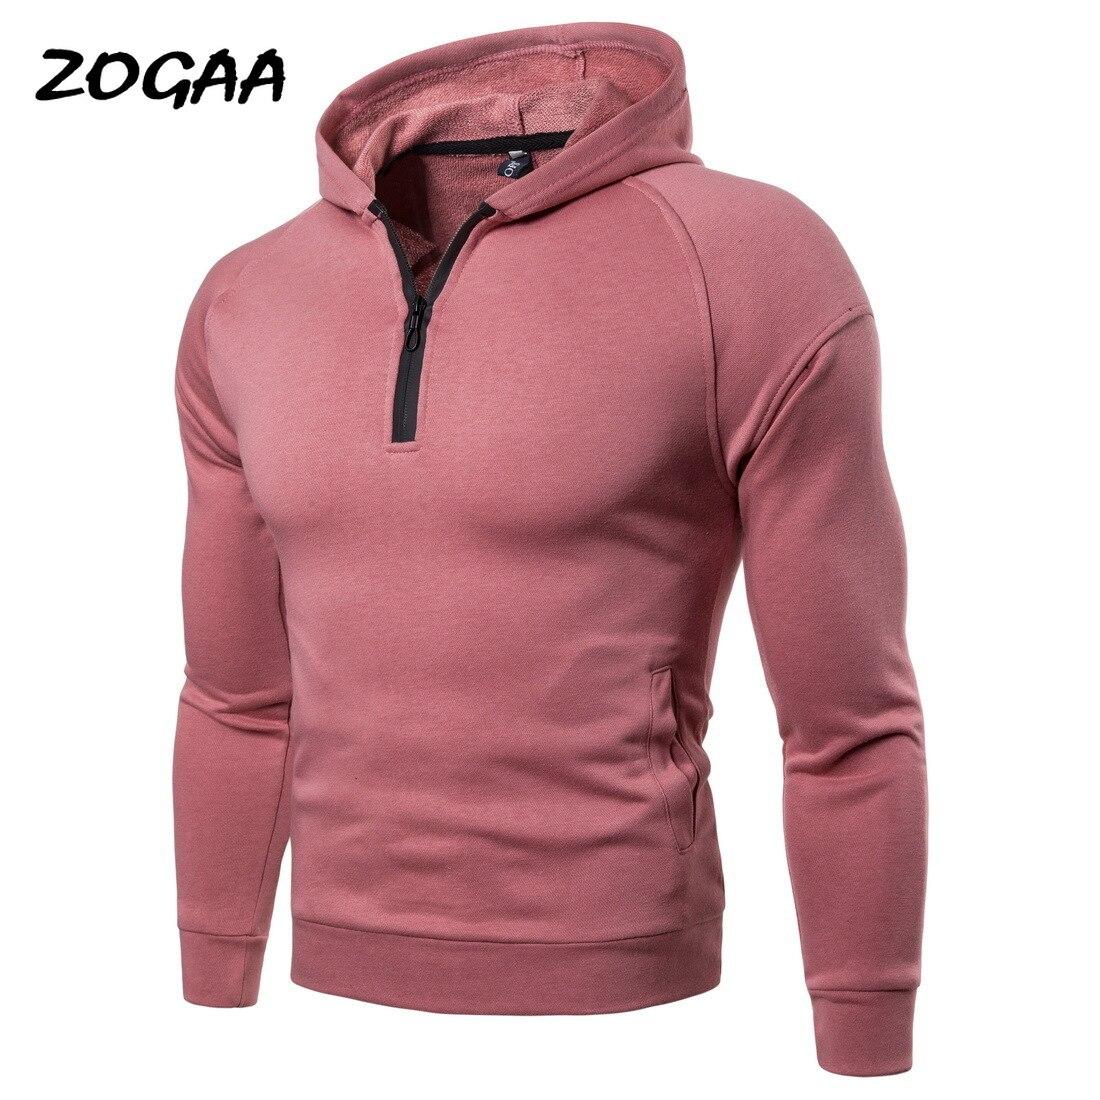 Мужская толстовка с капюшоном ZOGAA, Черный Повседневный свитер с капюшоном, толстая универсальная кофта на осень-зиму 2019